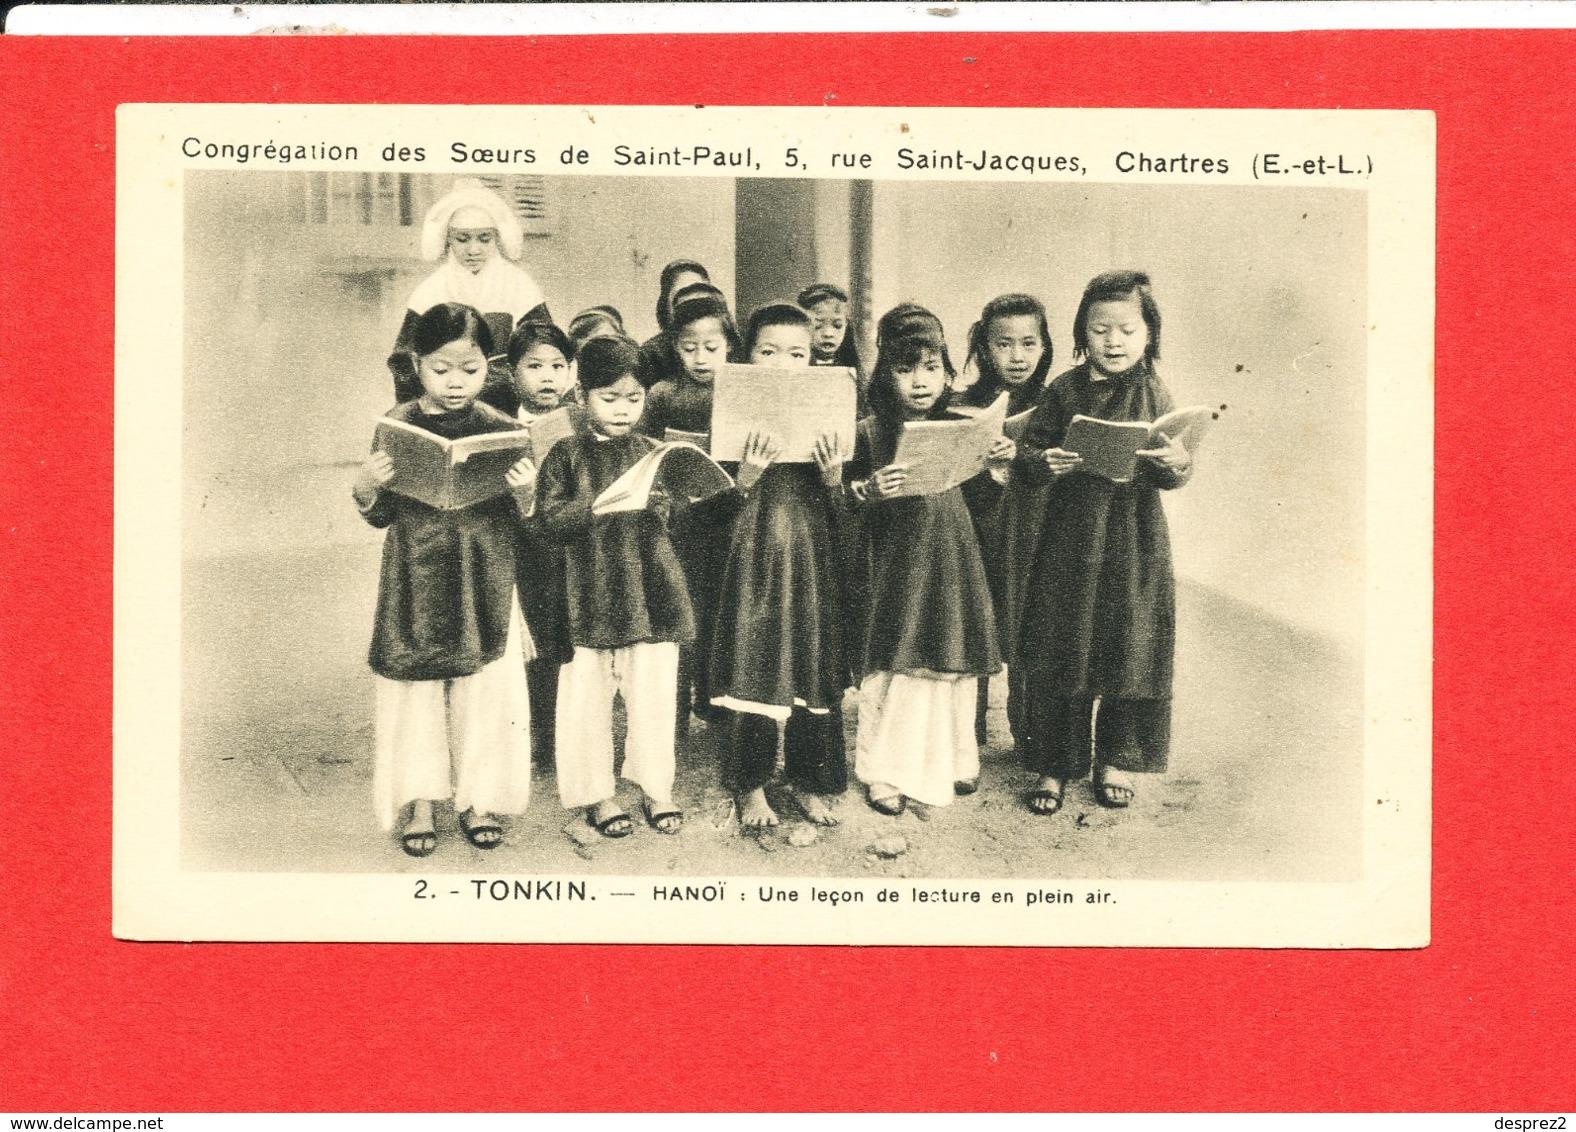 TONKIN HANOI  Cpa Animée Une Leçon De Lecture En Plein Air  2  Cong St Paul Chartres - Vietnam